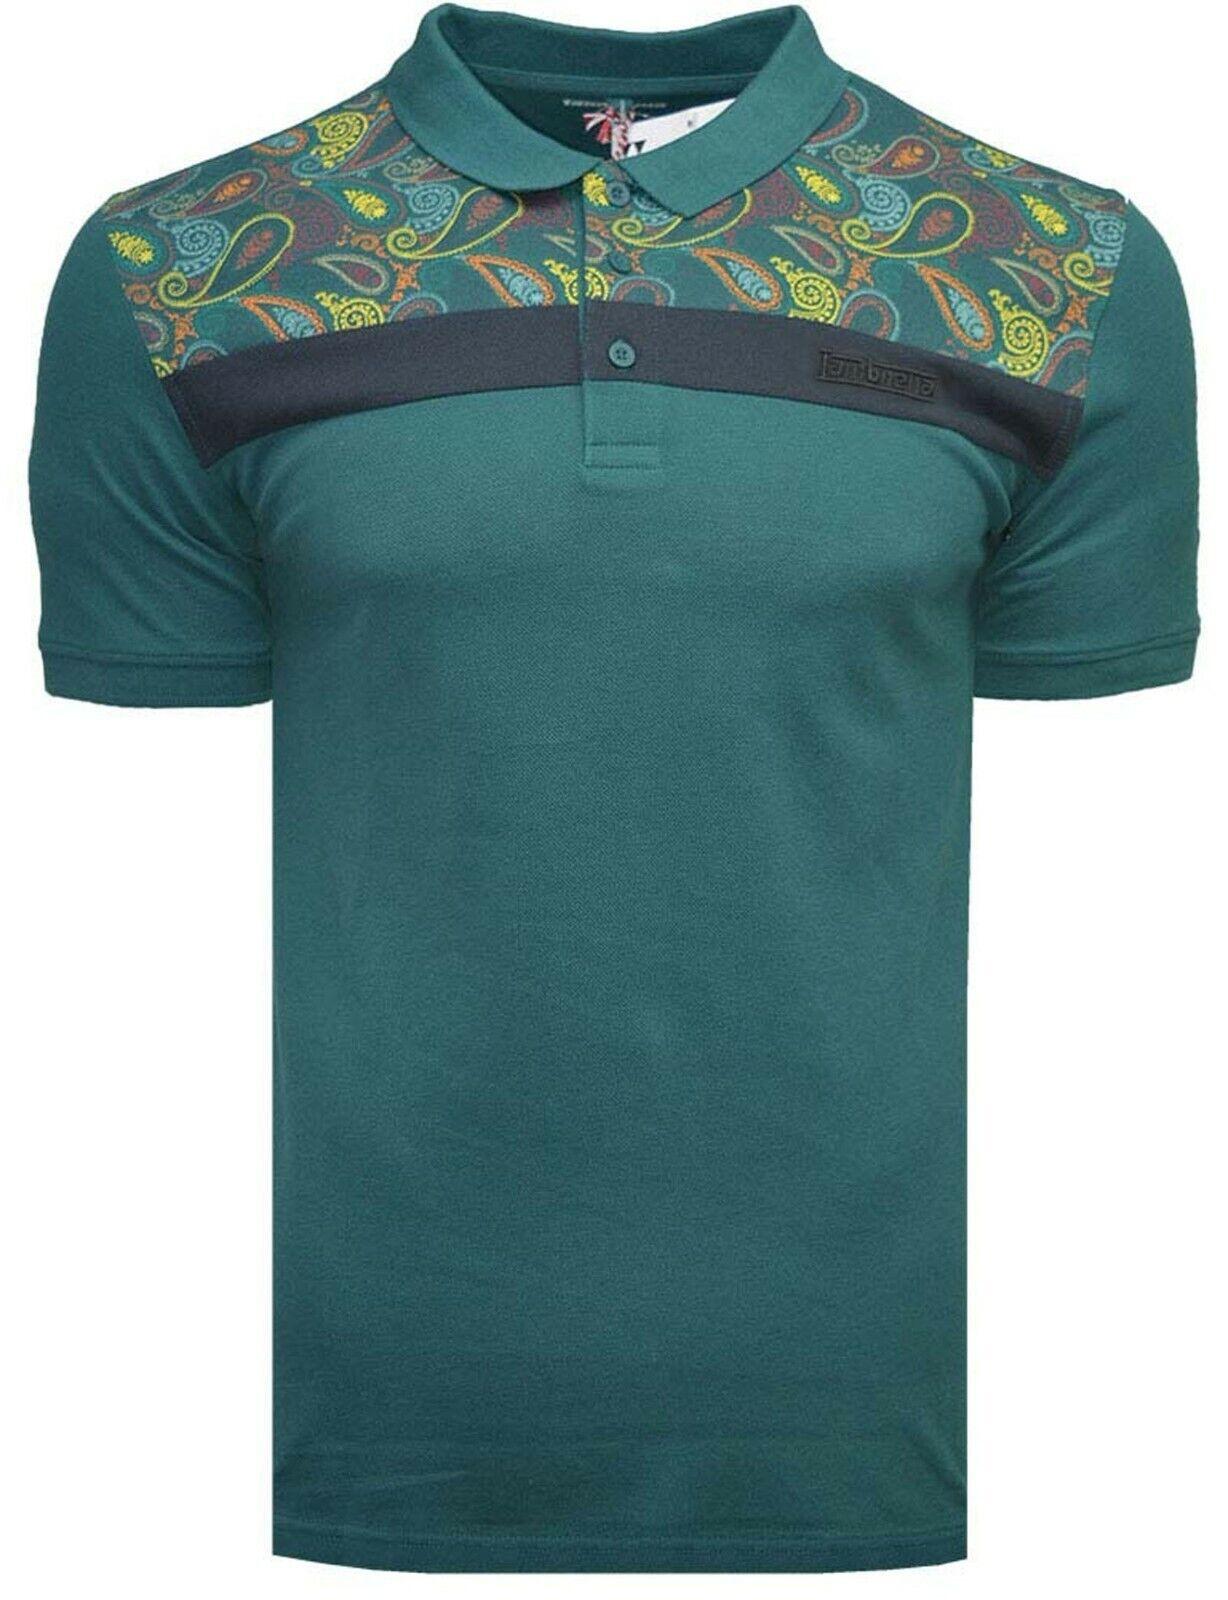 Lambretta Paisley Polo Shirts Mens Printed T Shirts Cotton Summer Tees UK S 4XL | eBay